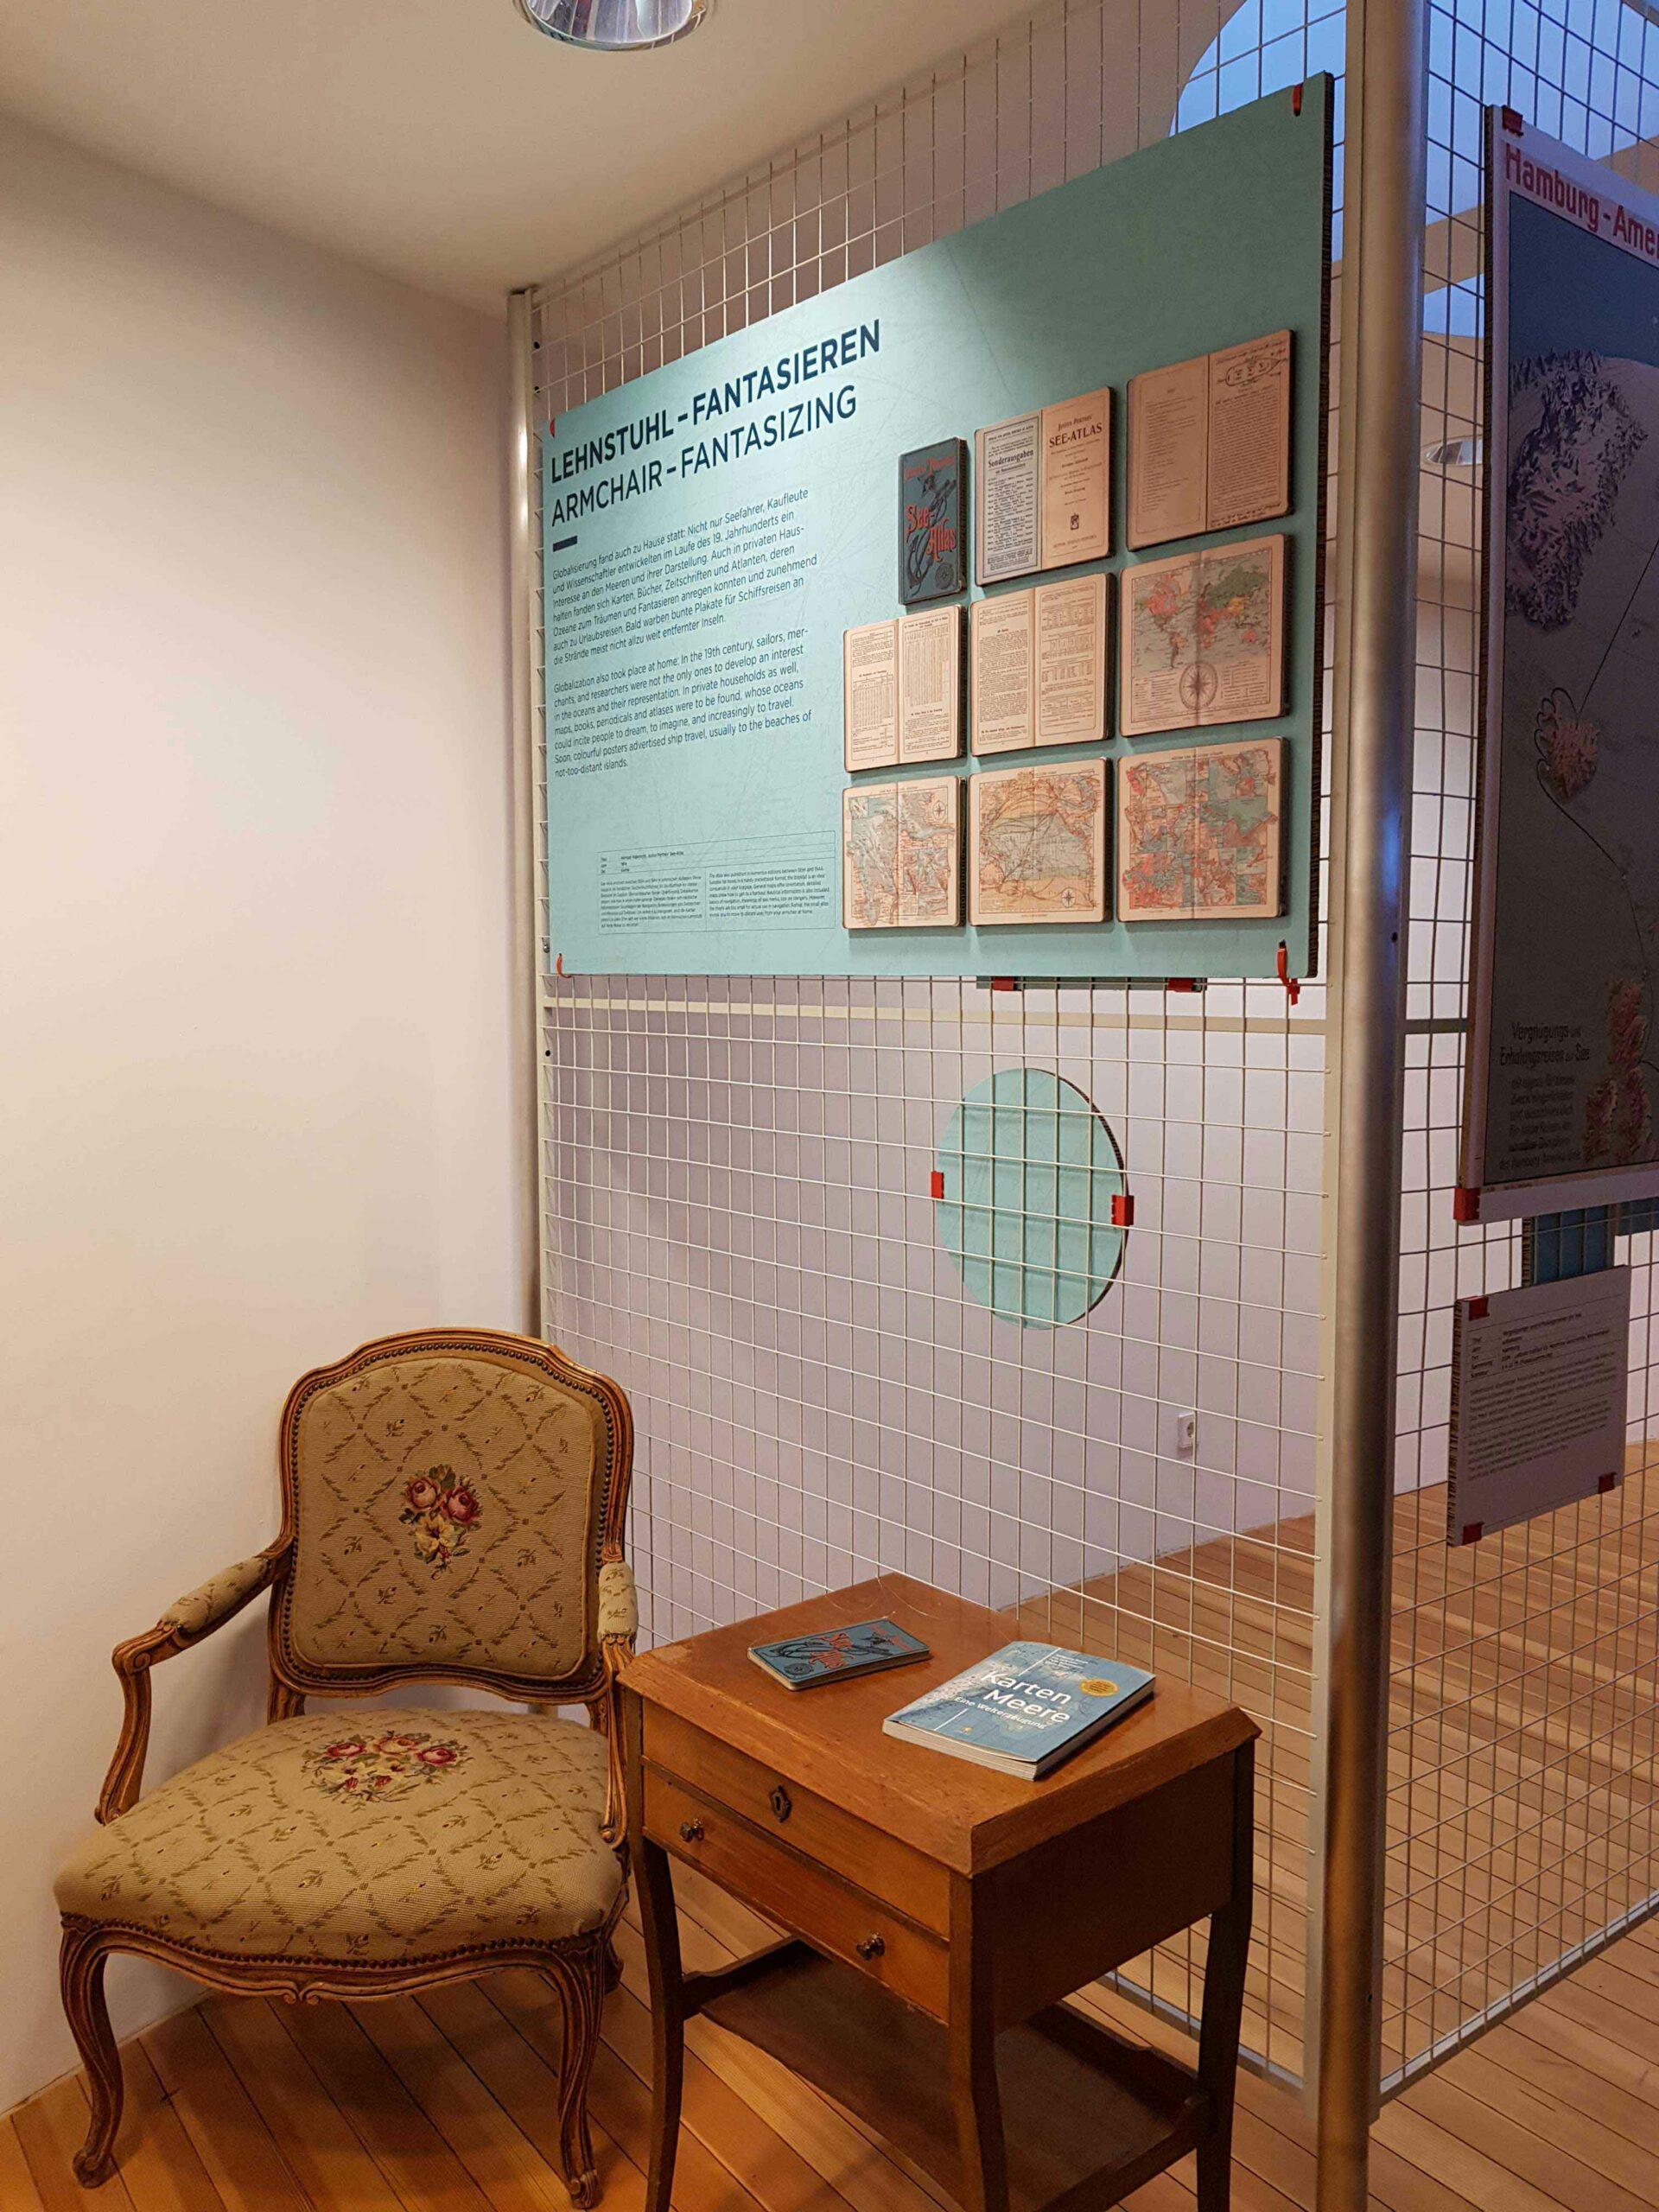 Einblick in die Ausstellung KartenWissenMeer Abteilung Lehnstuhl - Fantasieren